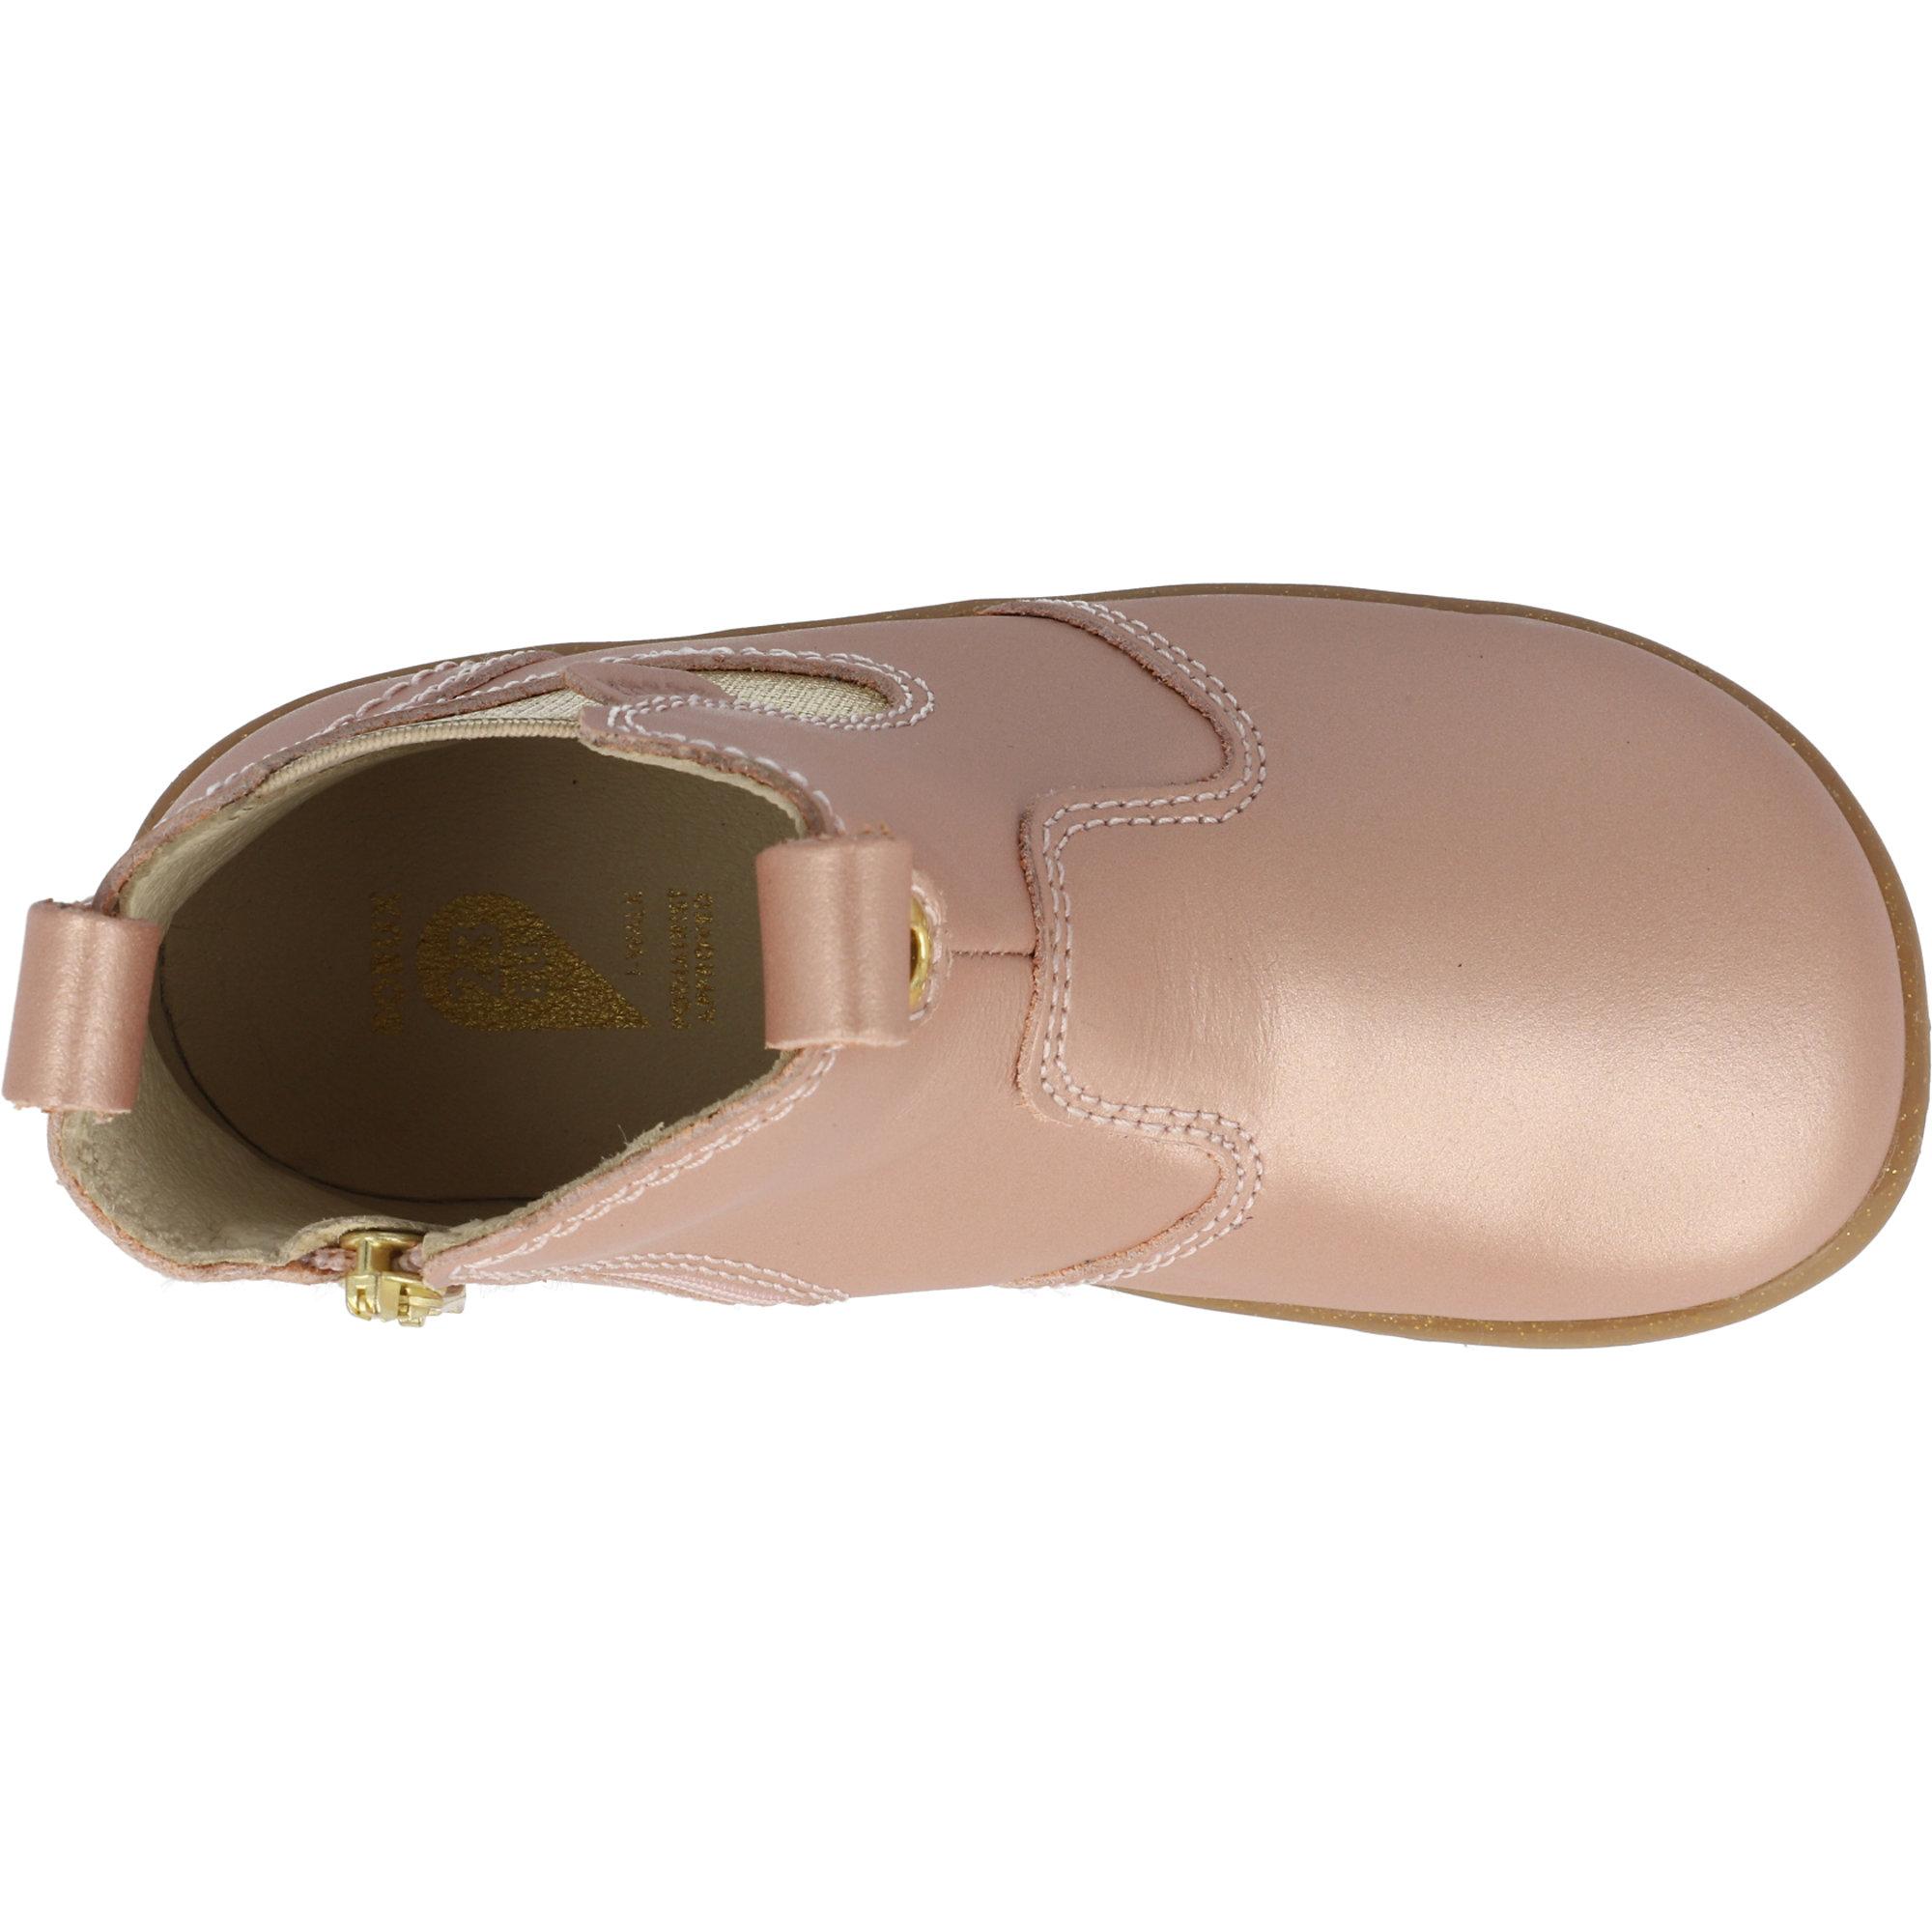 Bobux i-Walk Jodhpur Rose Gold Quickdry Metallic Leather